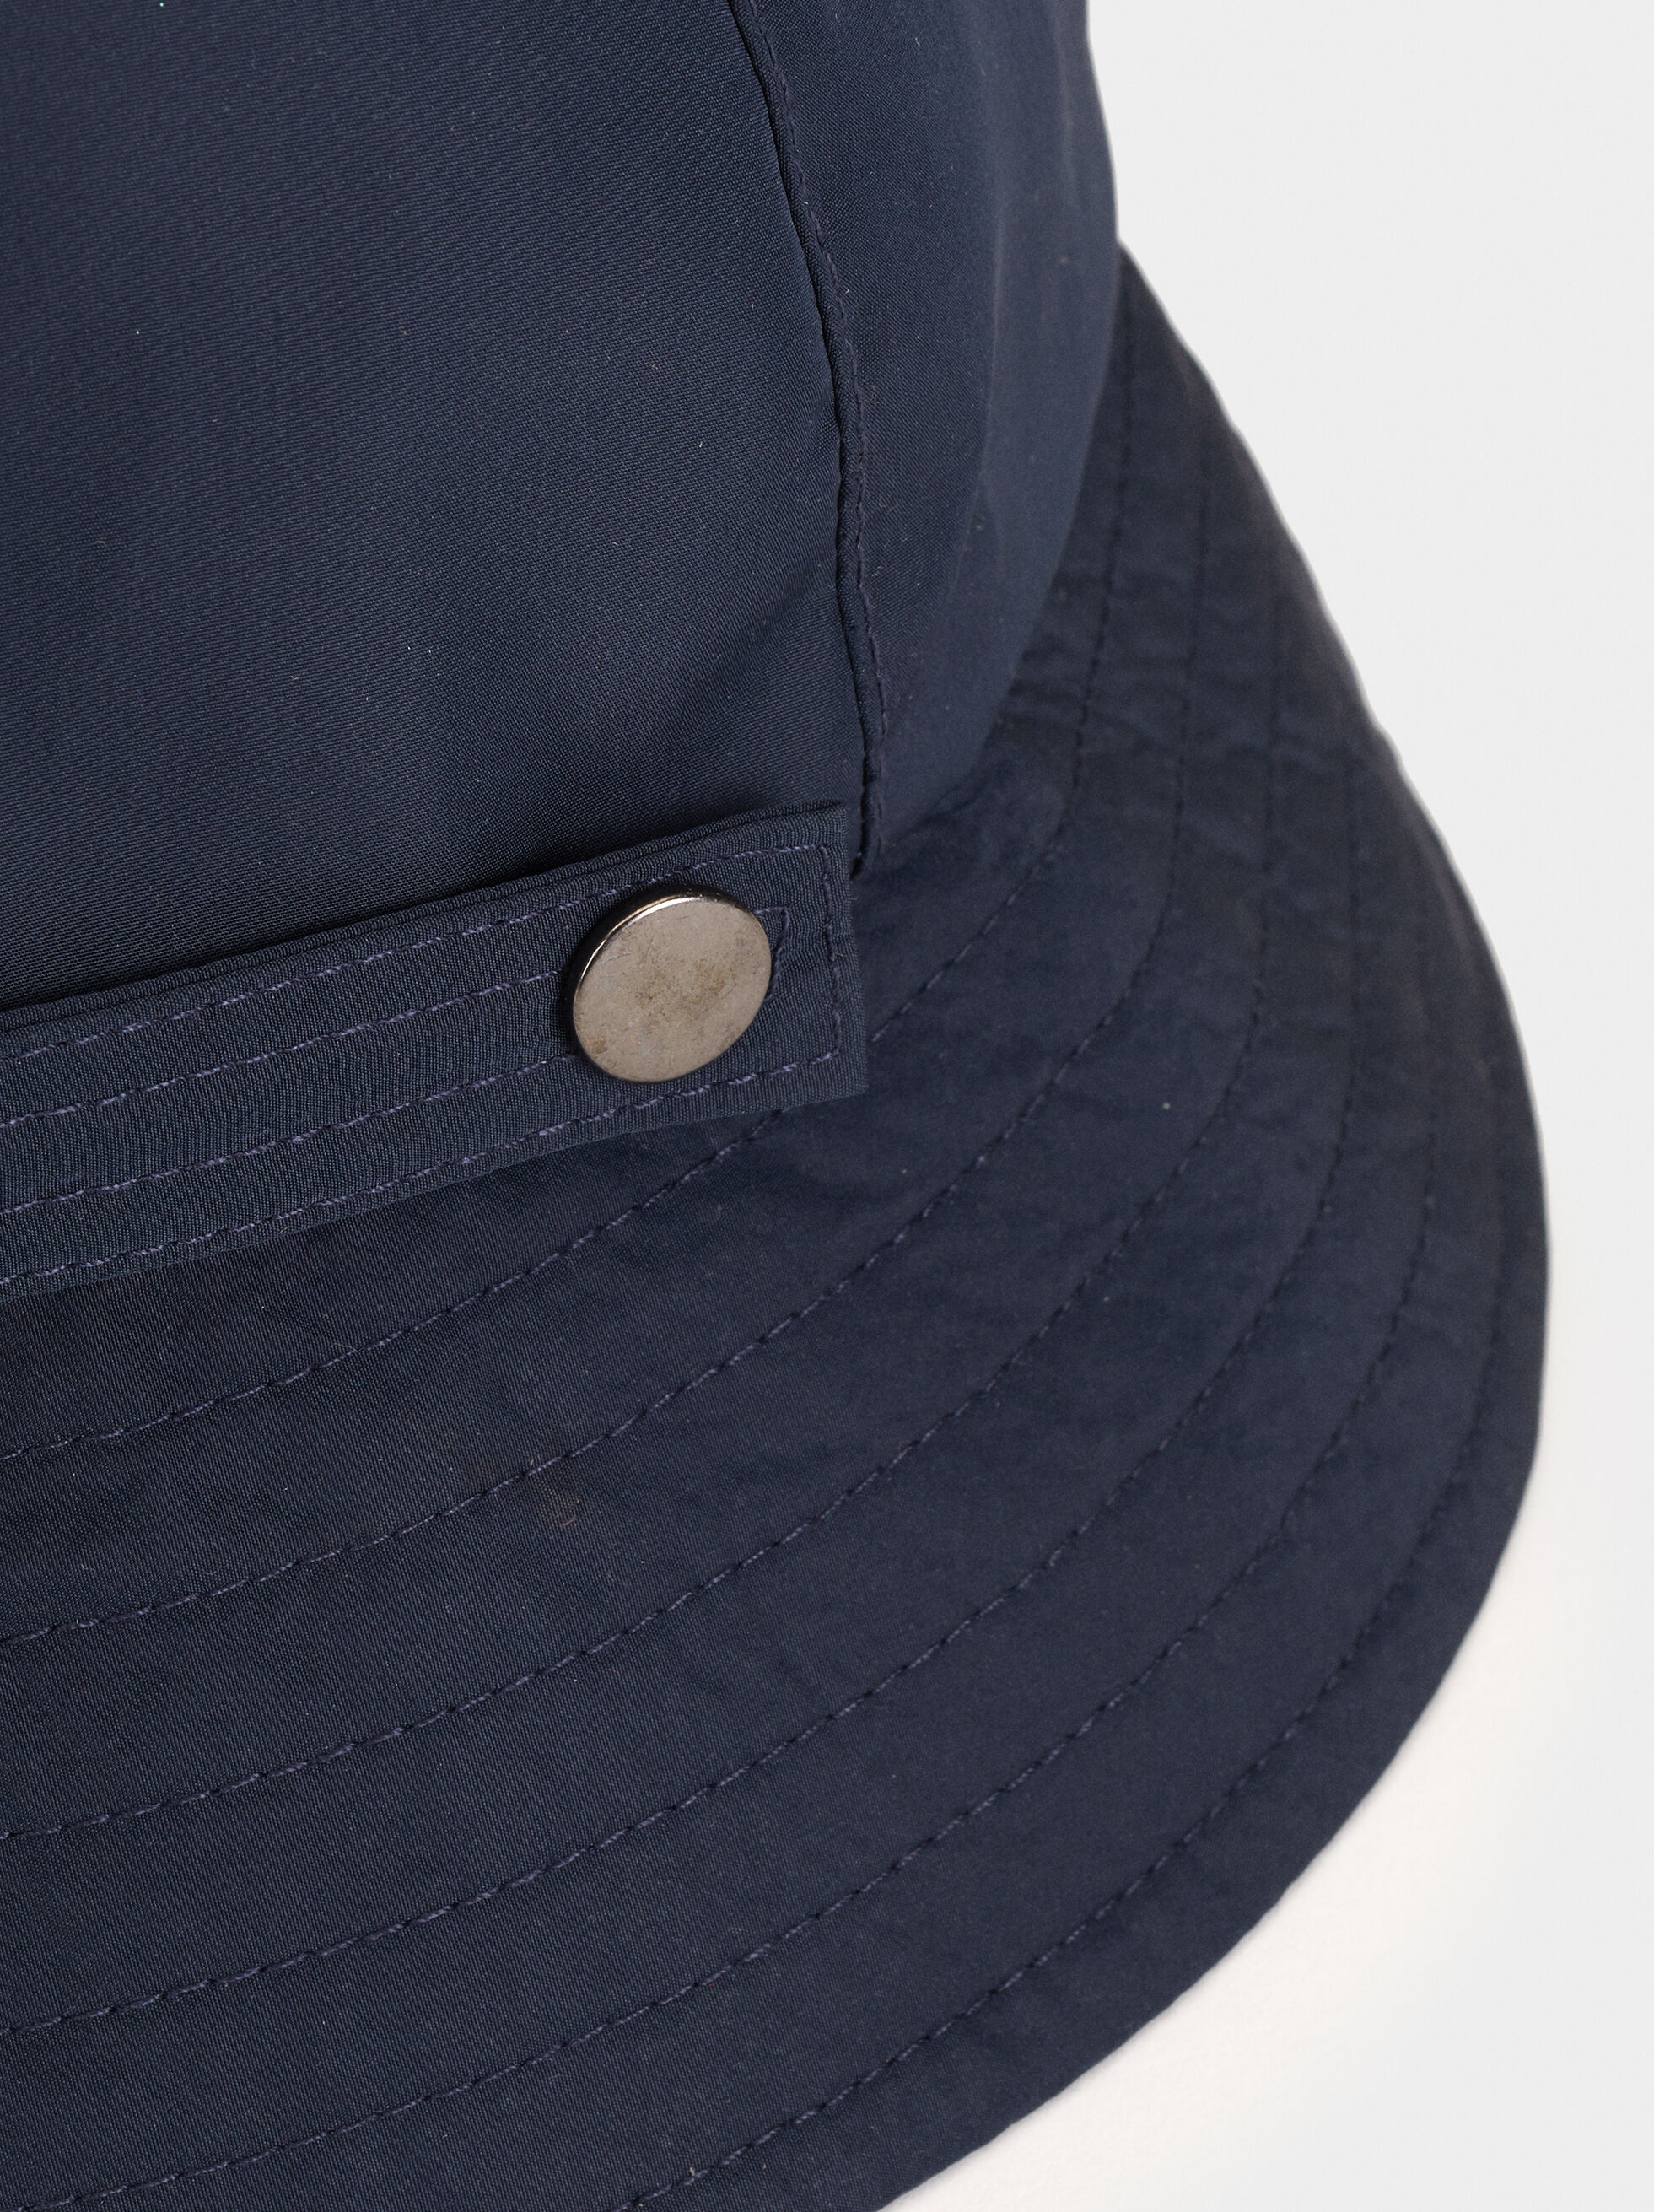 Rain Hat, Navy, hi-res